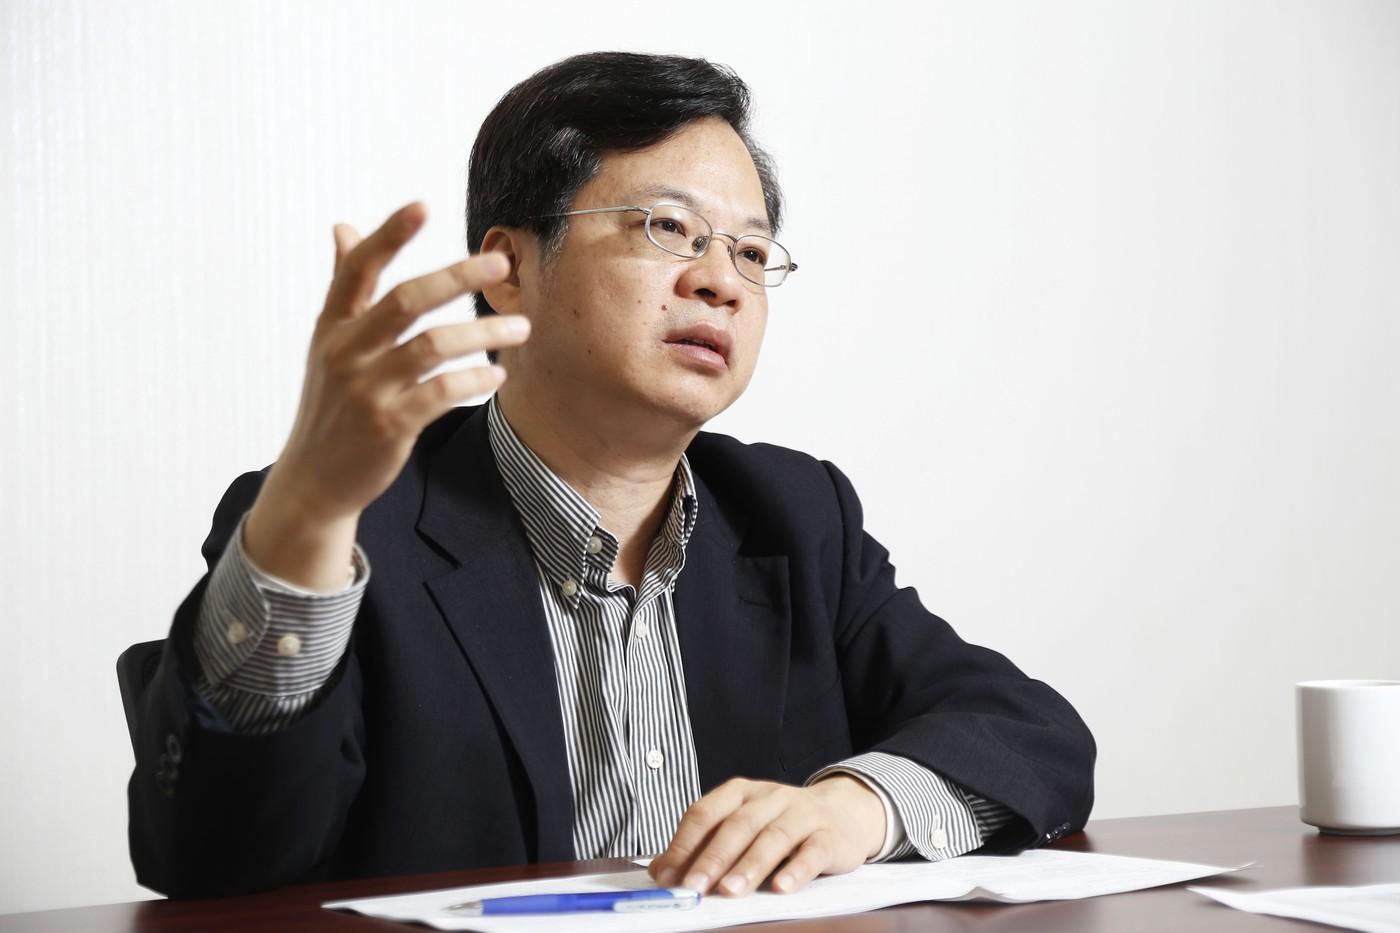 100億國家級投資公司要投資誰? 龔明鑫:對台灣有戰略合作意義的優先考慮